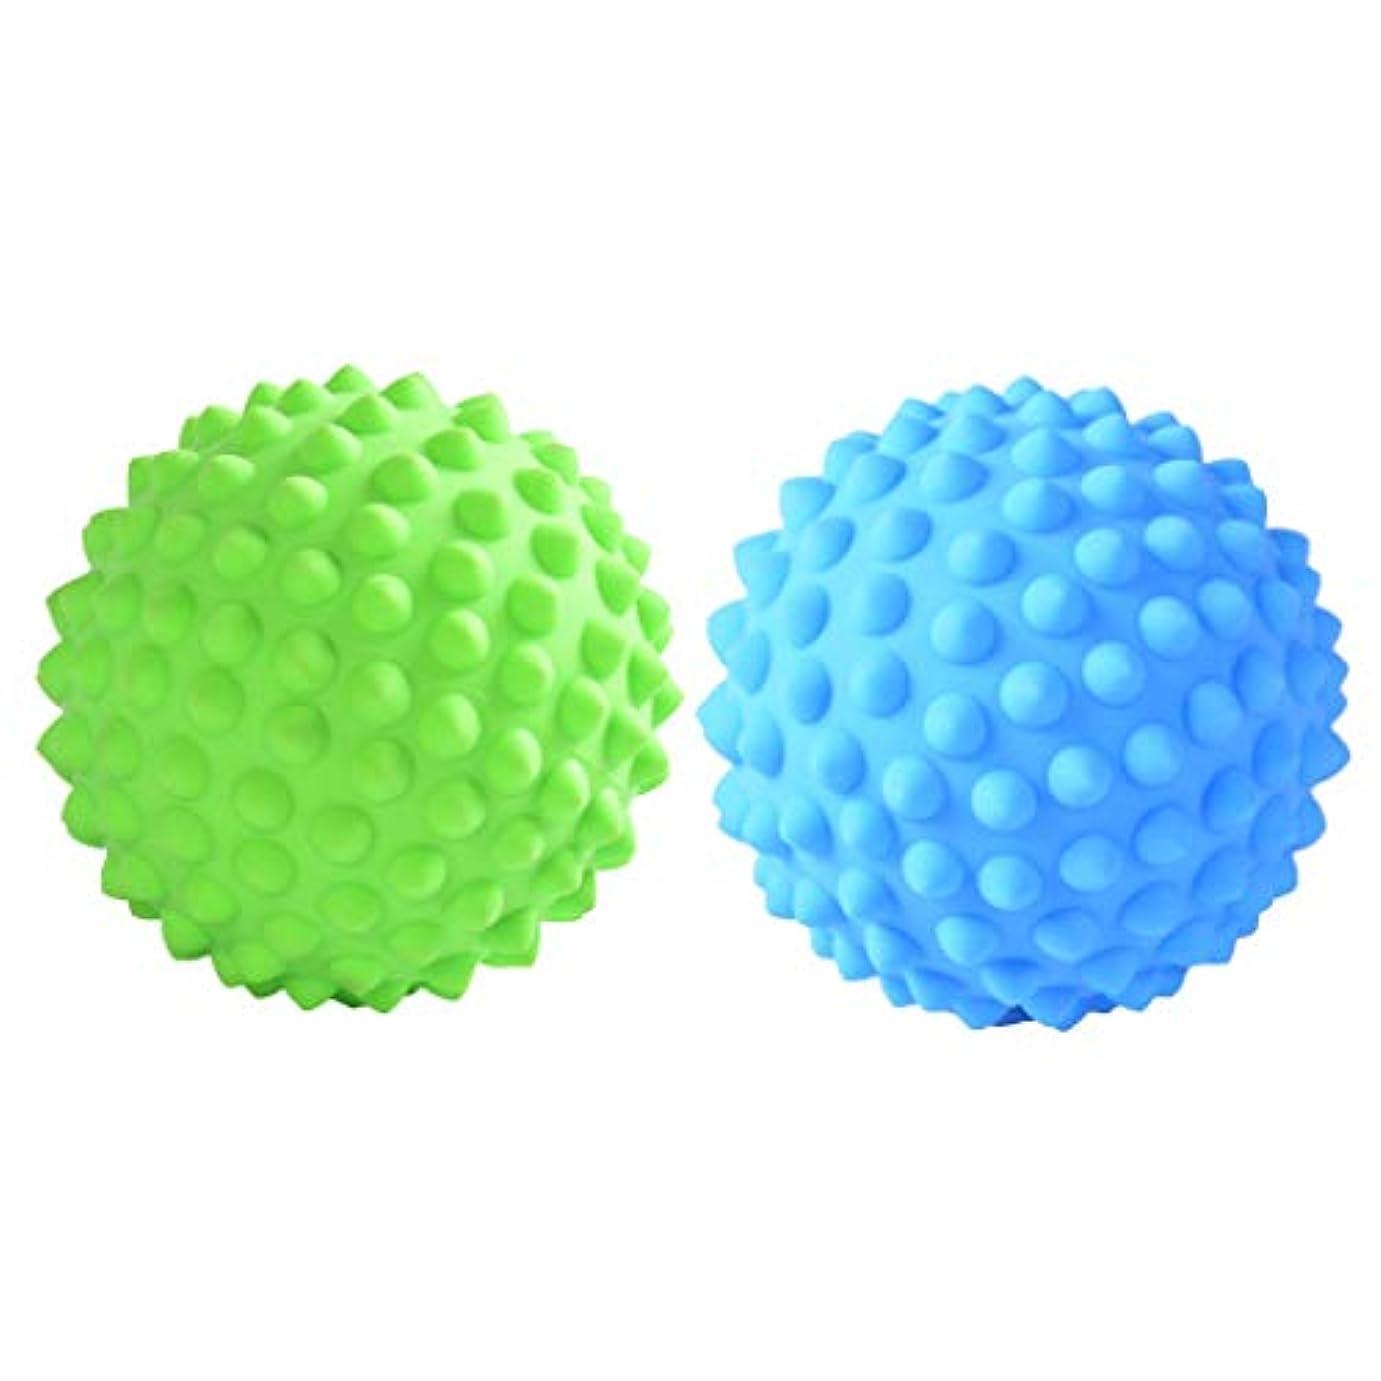 薬理学キャンバス気配りのあるマッサージローラーボール 指圧ボール PVC トリガーポイント 筋膜 疲労軽減 健康的 2個入